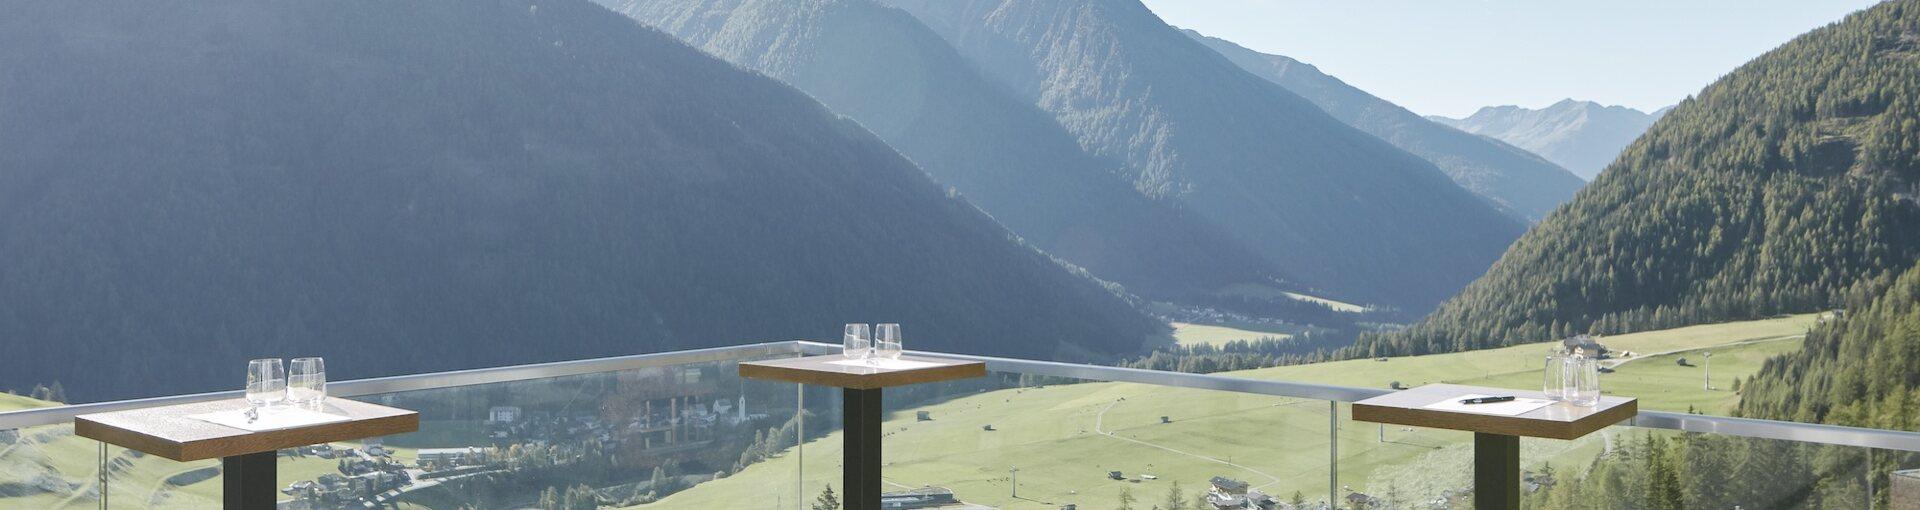 Gradonna Mountain Resort © David Schreyer Presselounge